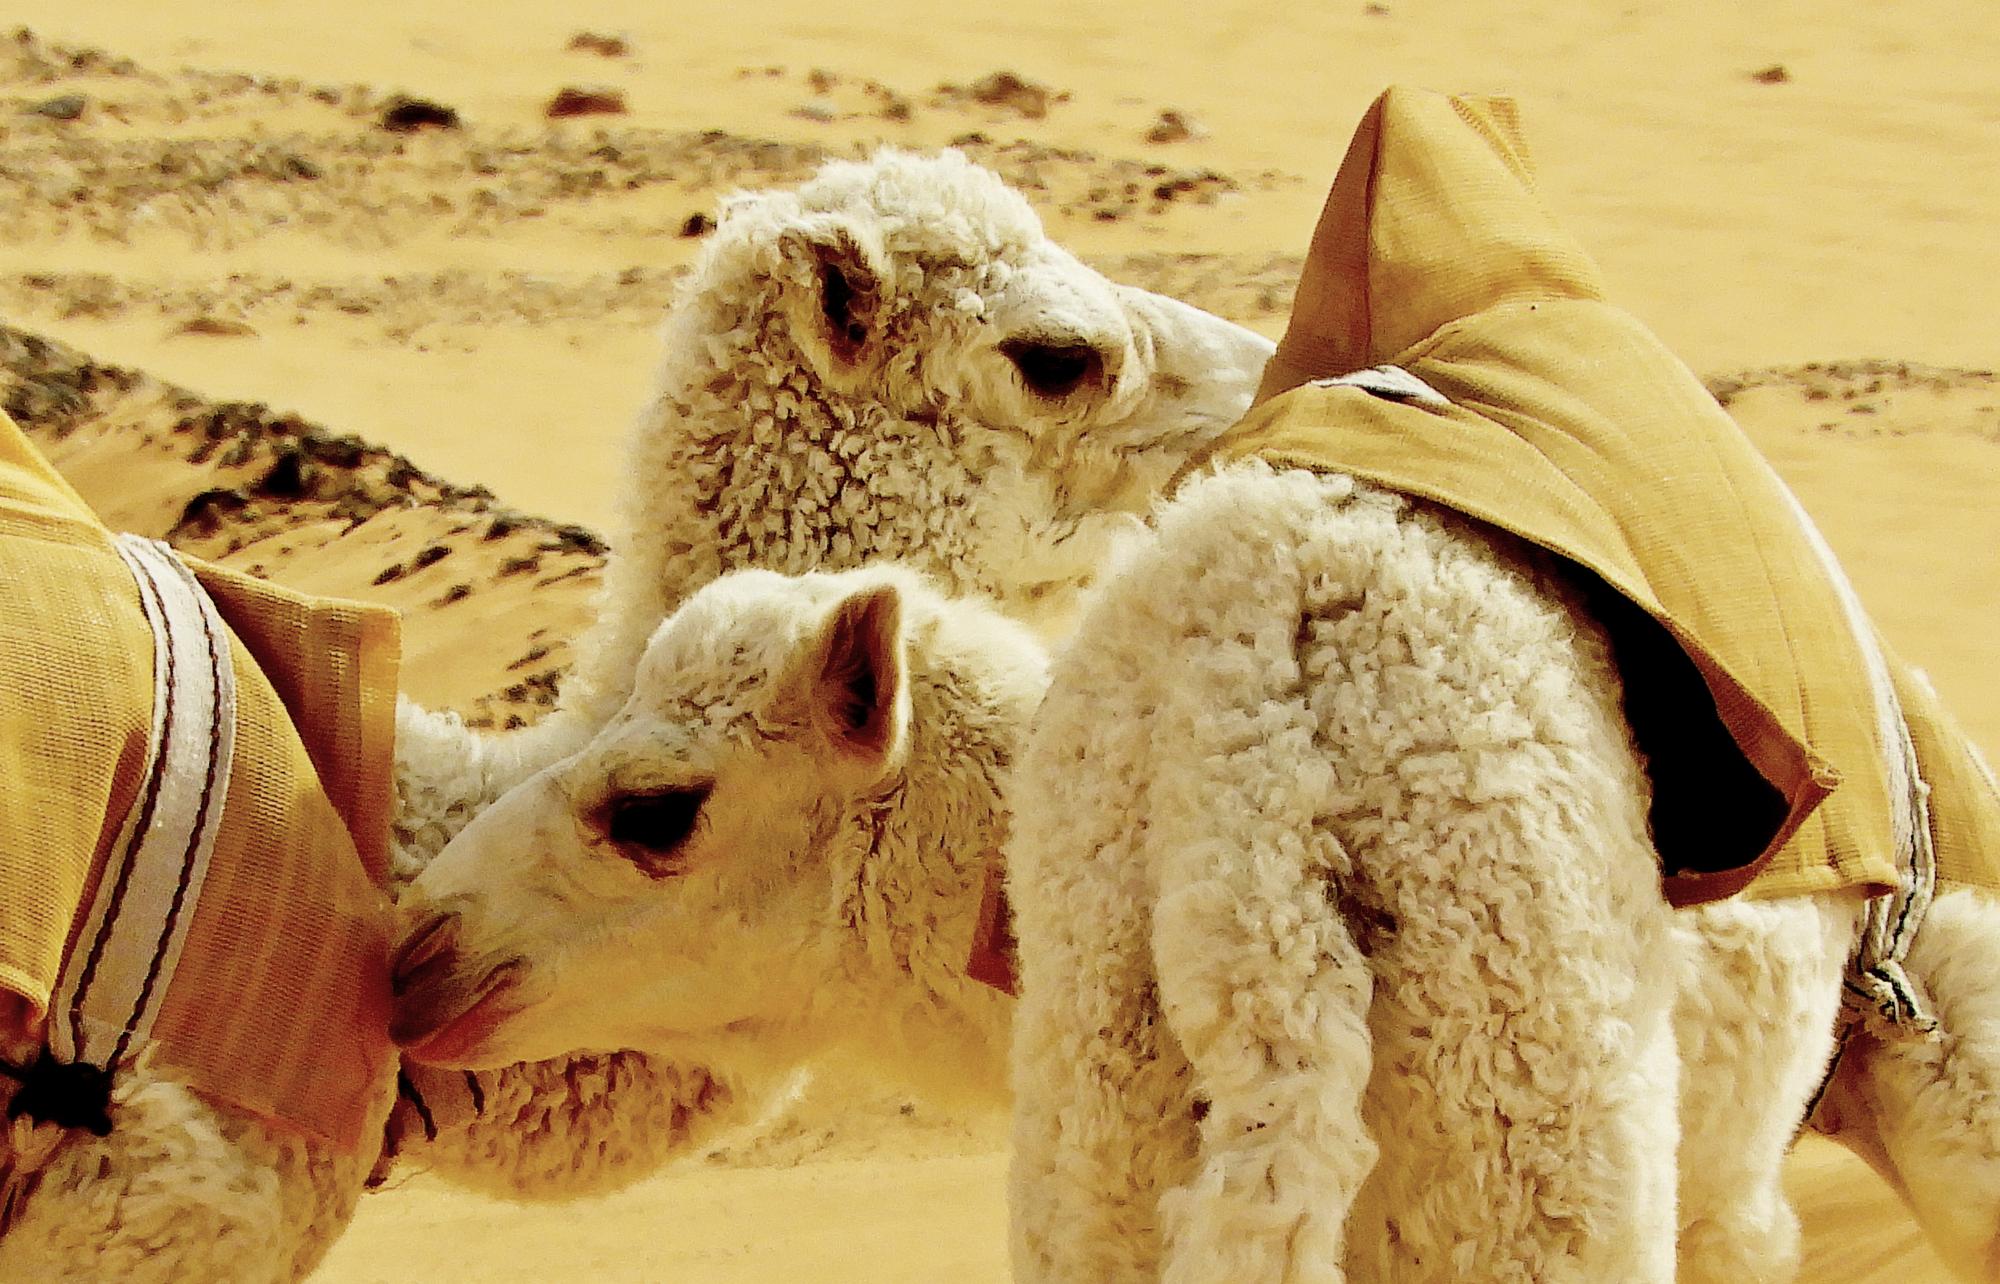 In the desert : 7